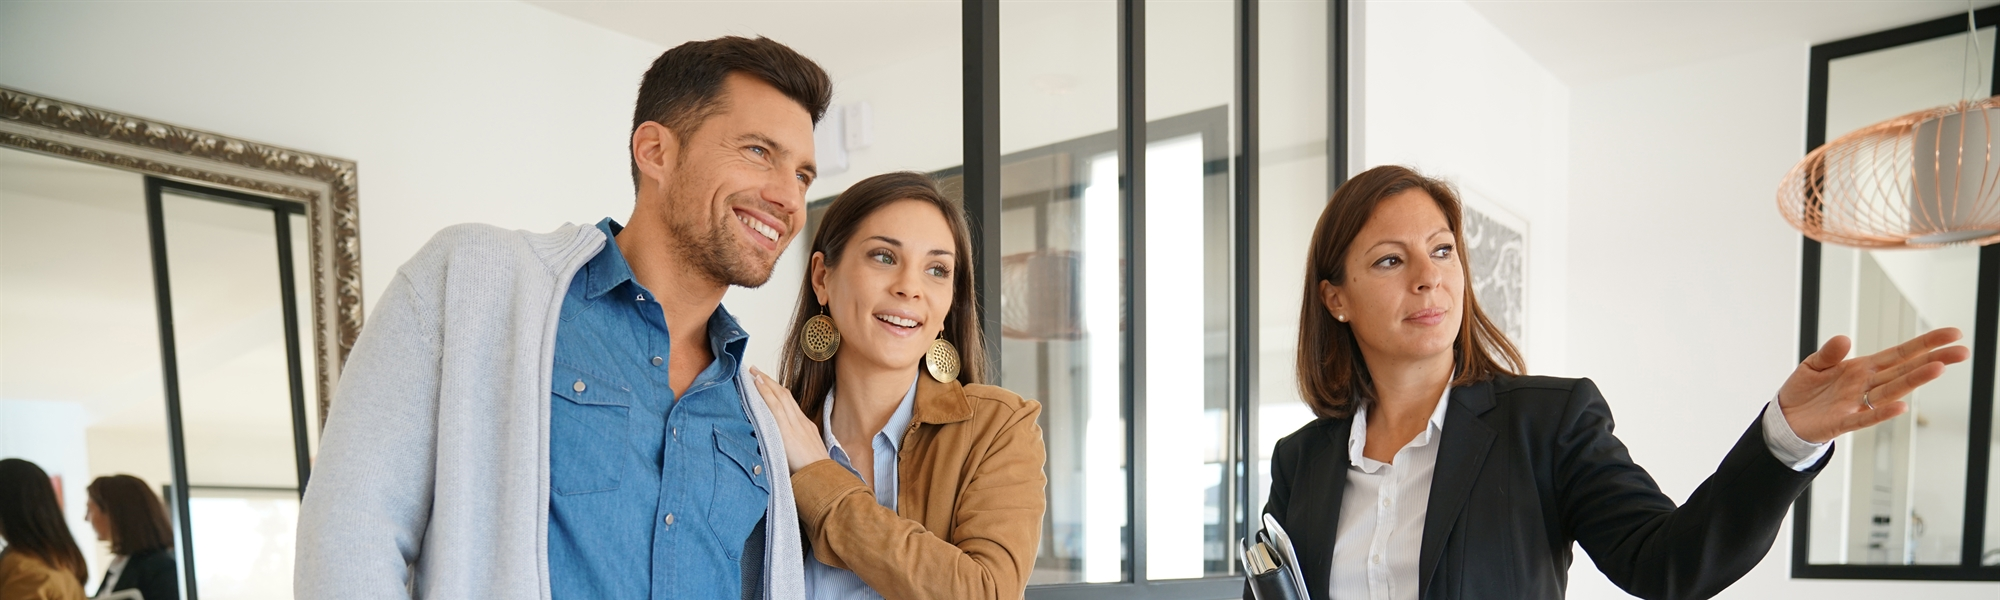 Working With Buyers Webinar